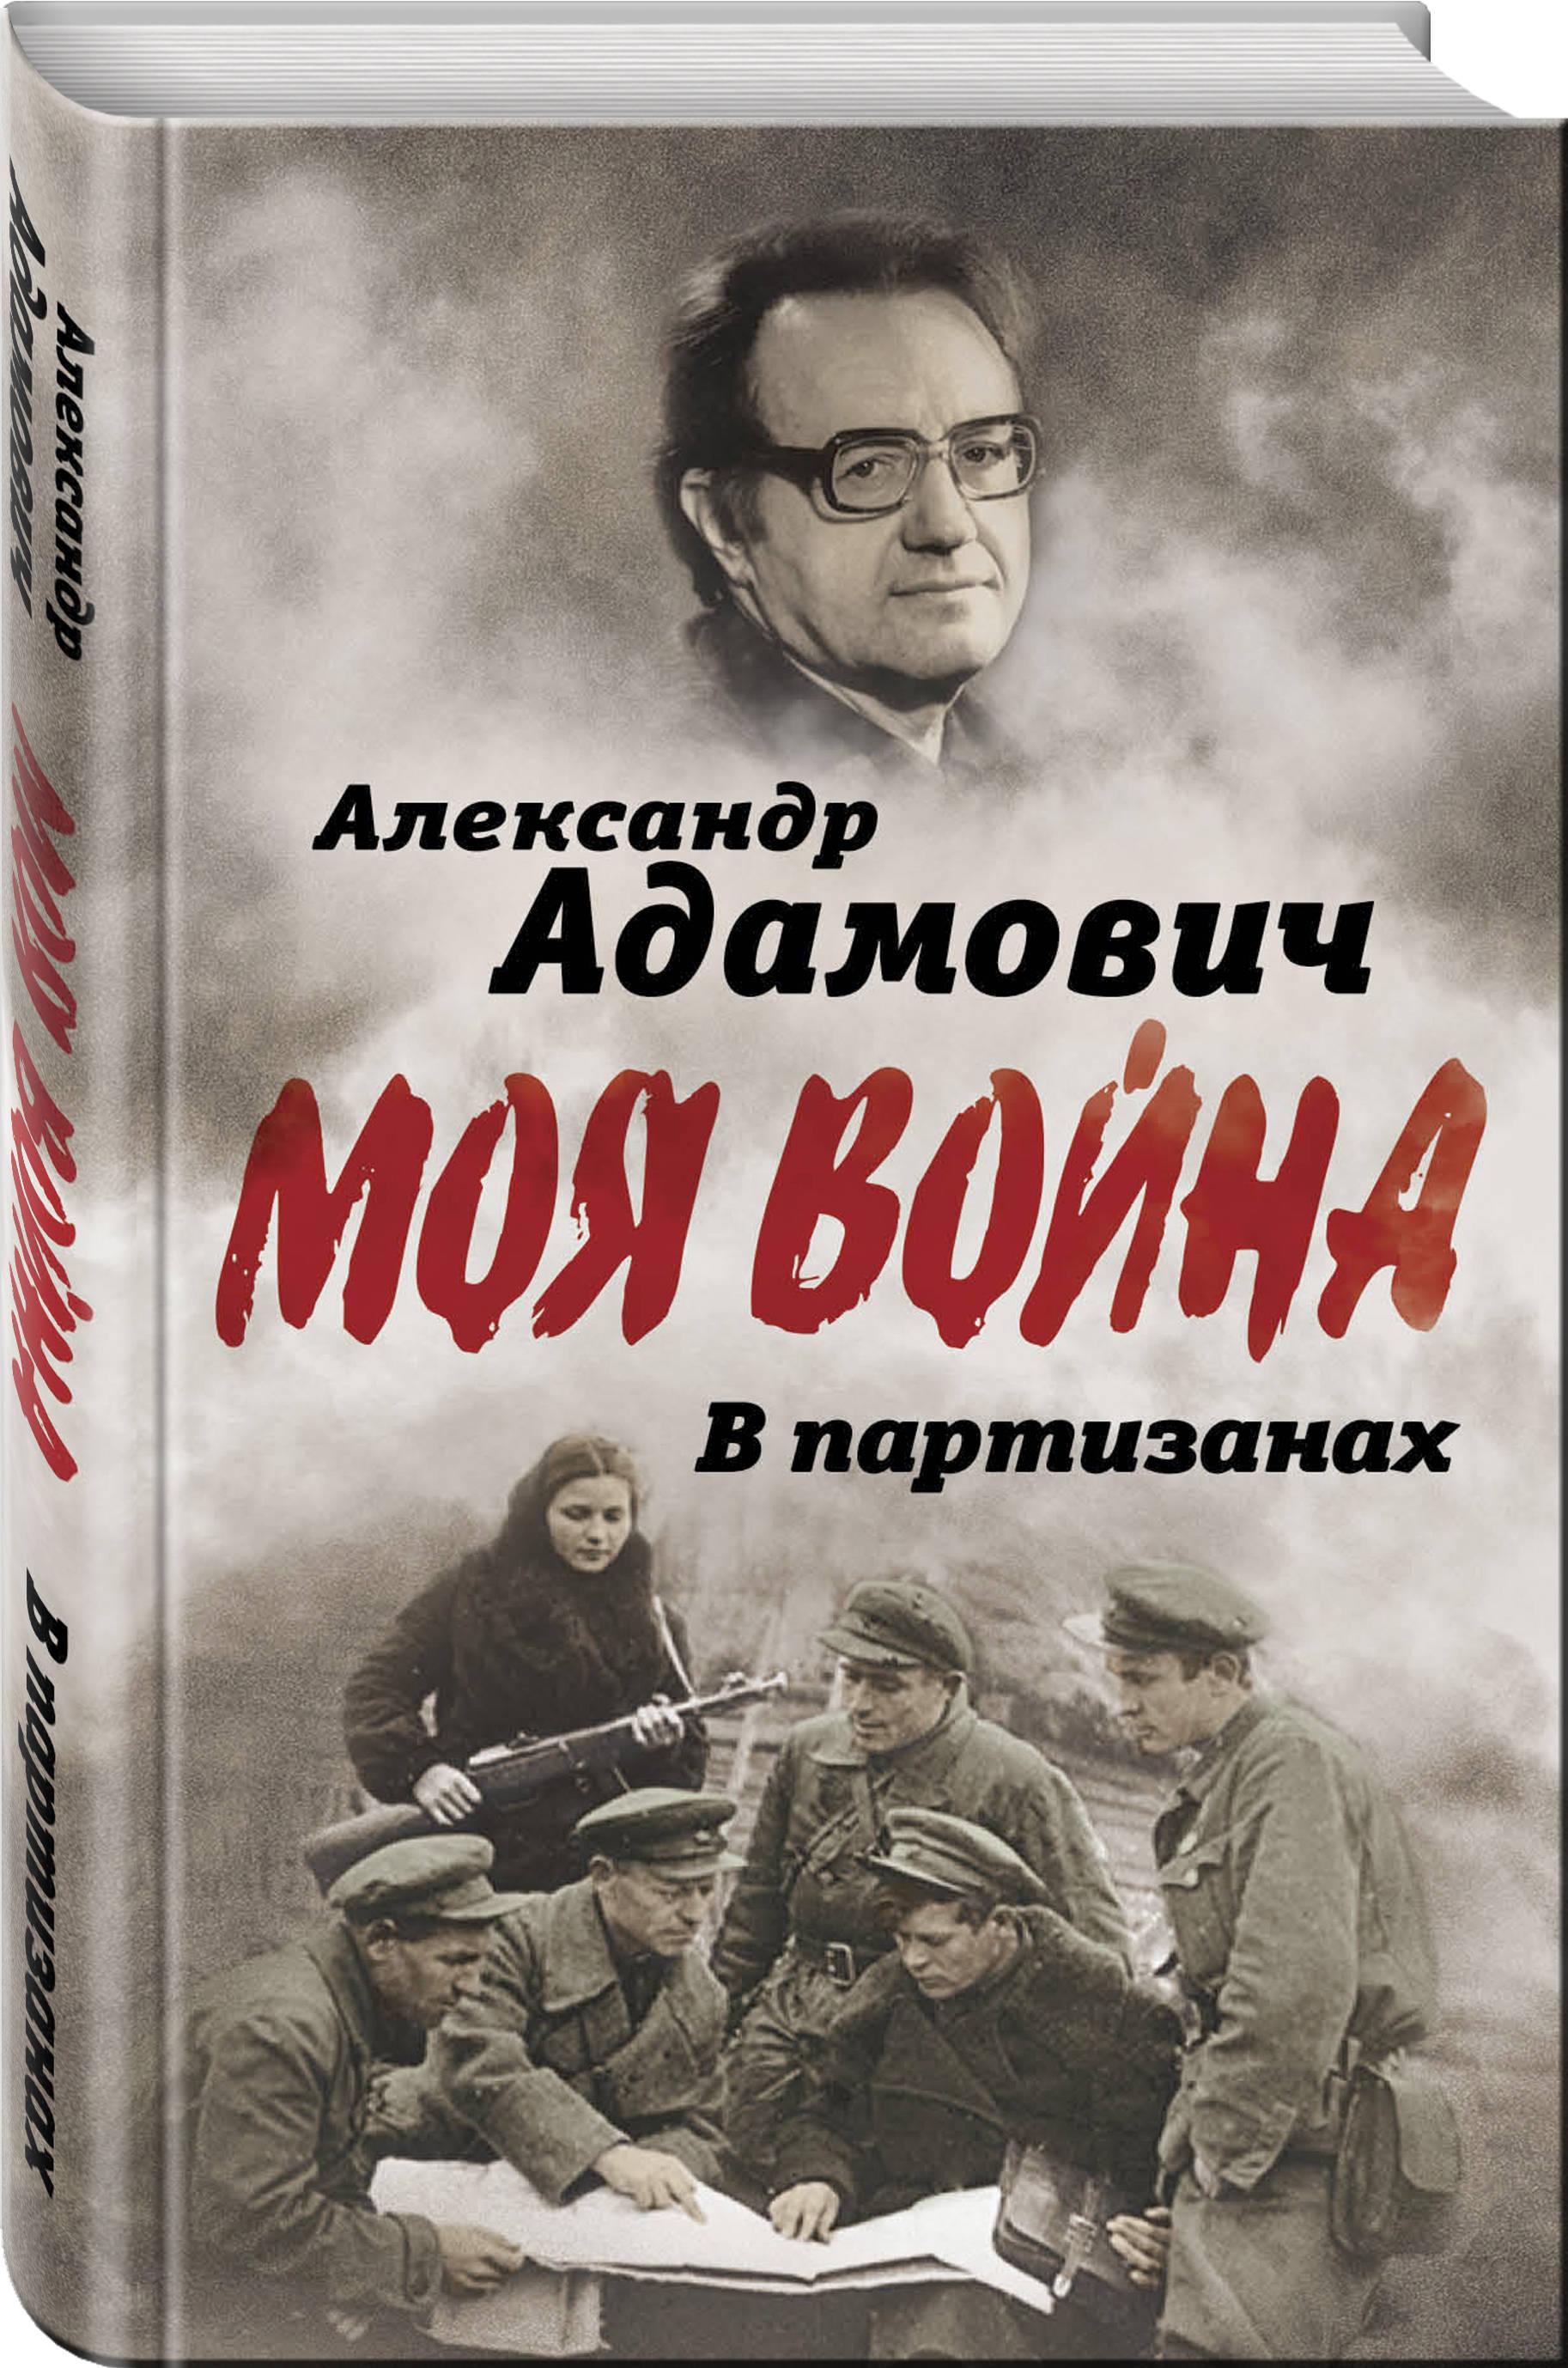 Александр Адамович В партизанах адамович а каратели